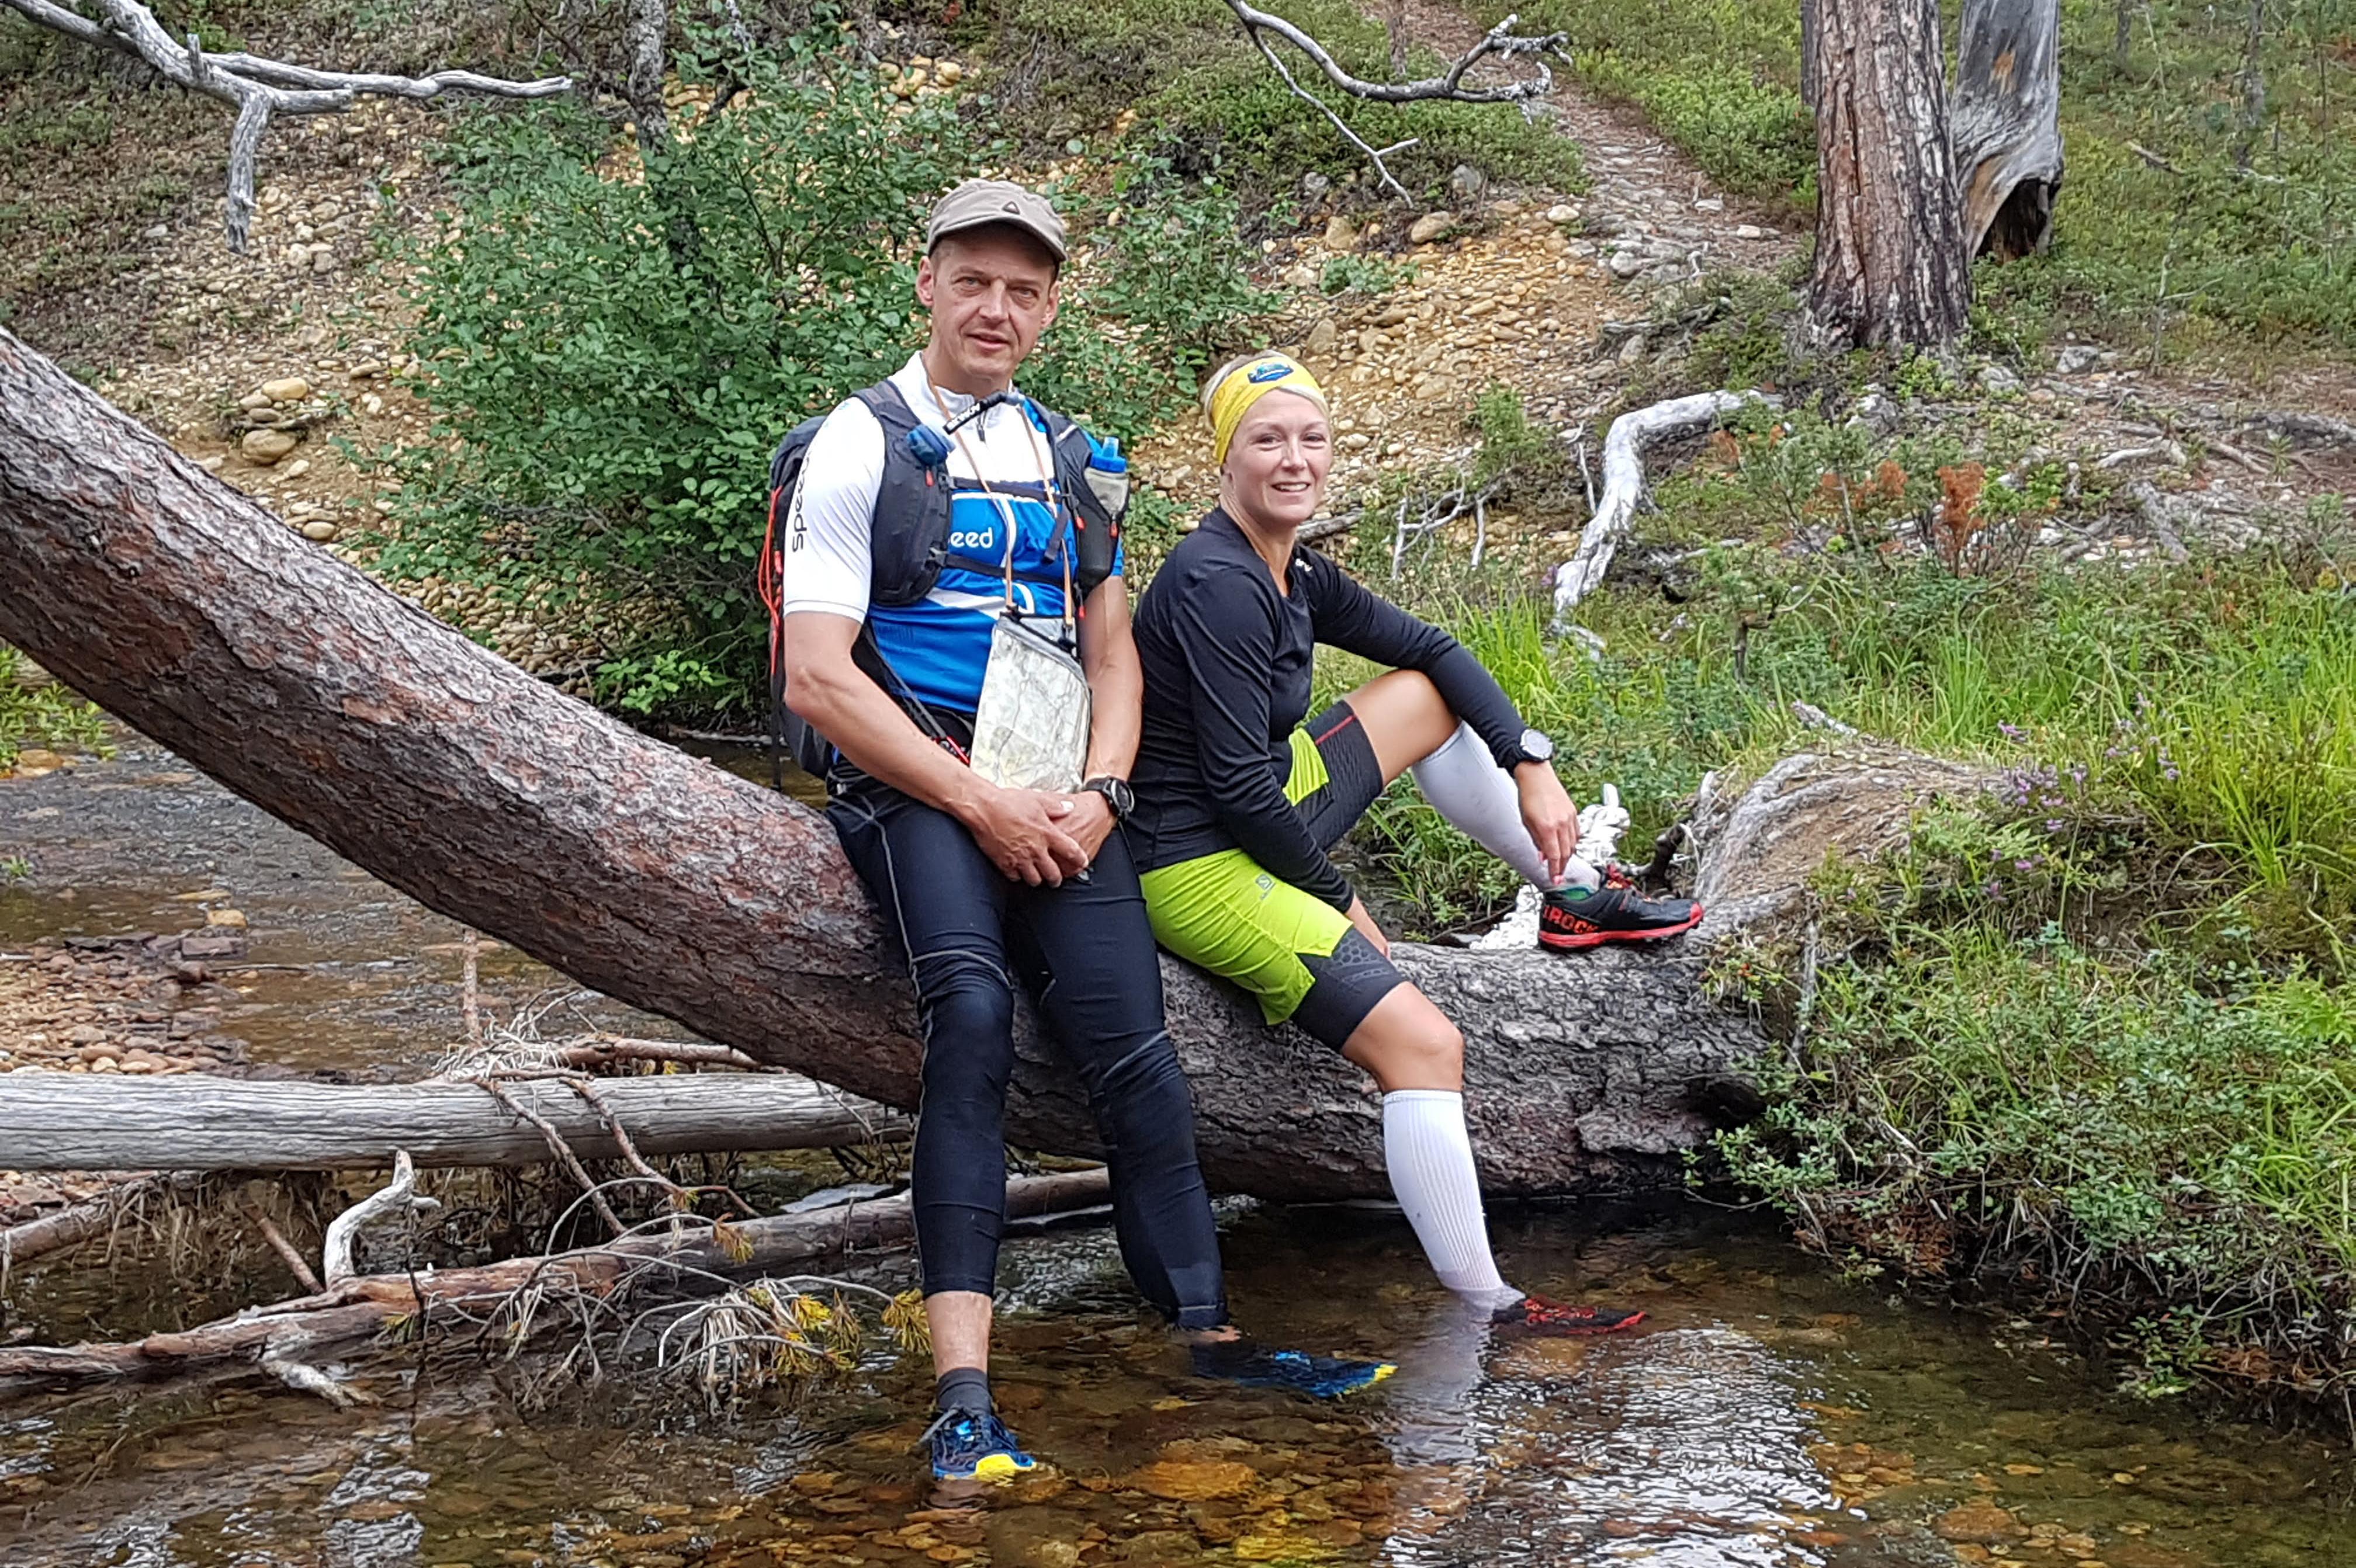 polkujuoksijat tauolla kengät vedessä